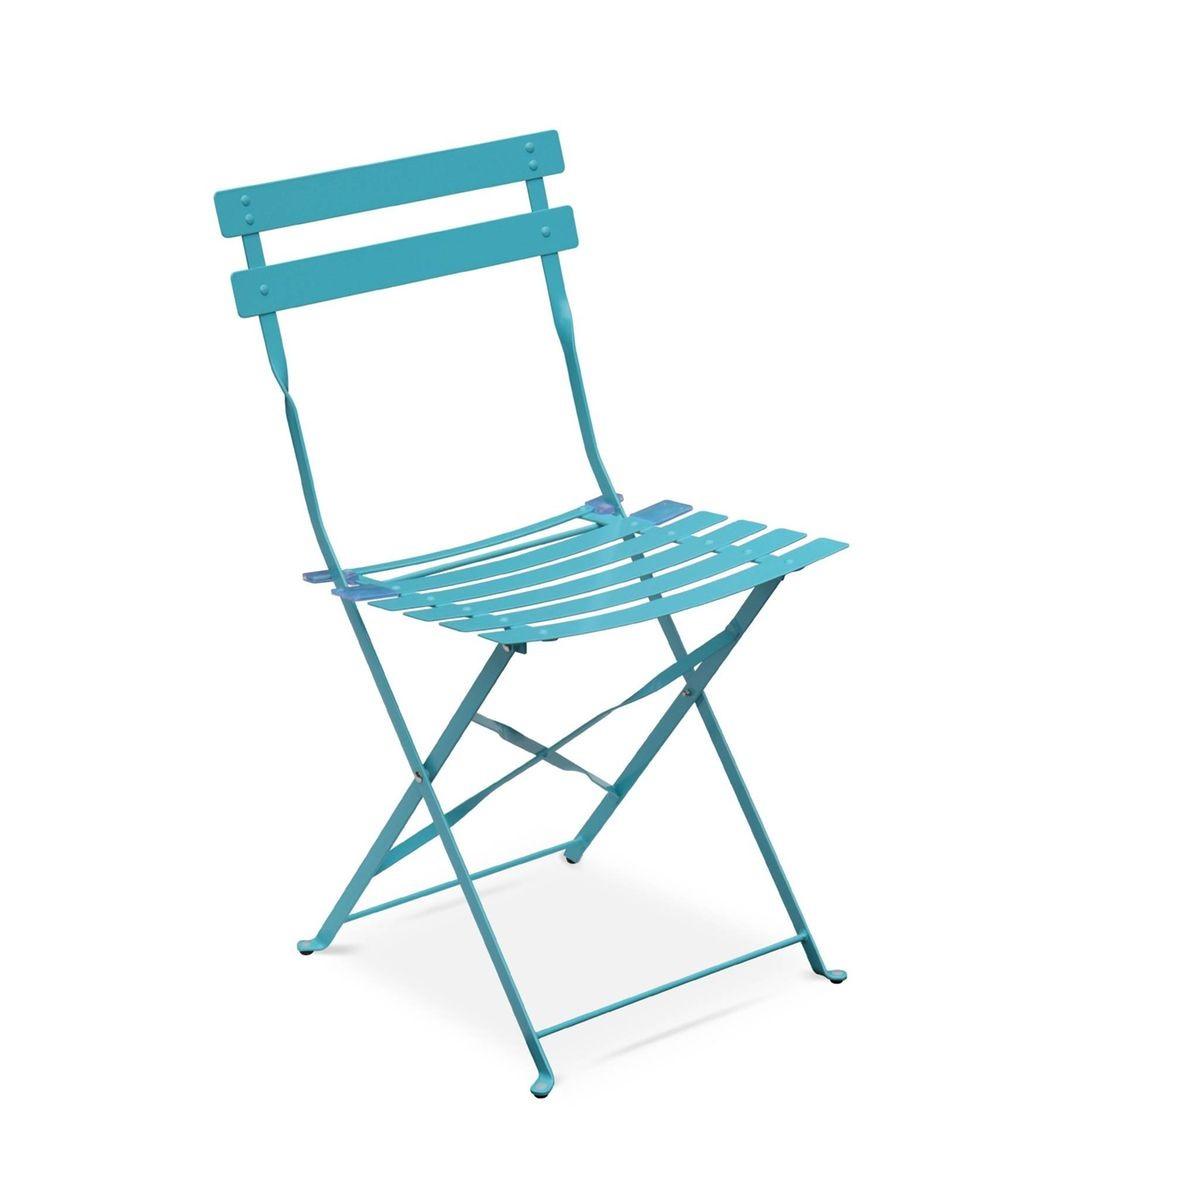 TurquoiseTable Pliable Emilia De Salon Jardin Bistrot Rond shQdCxBtor